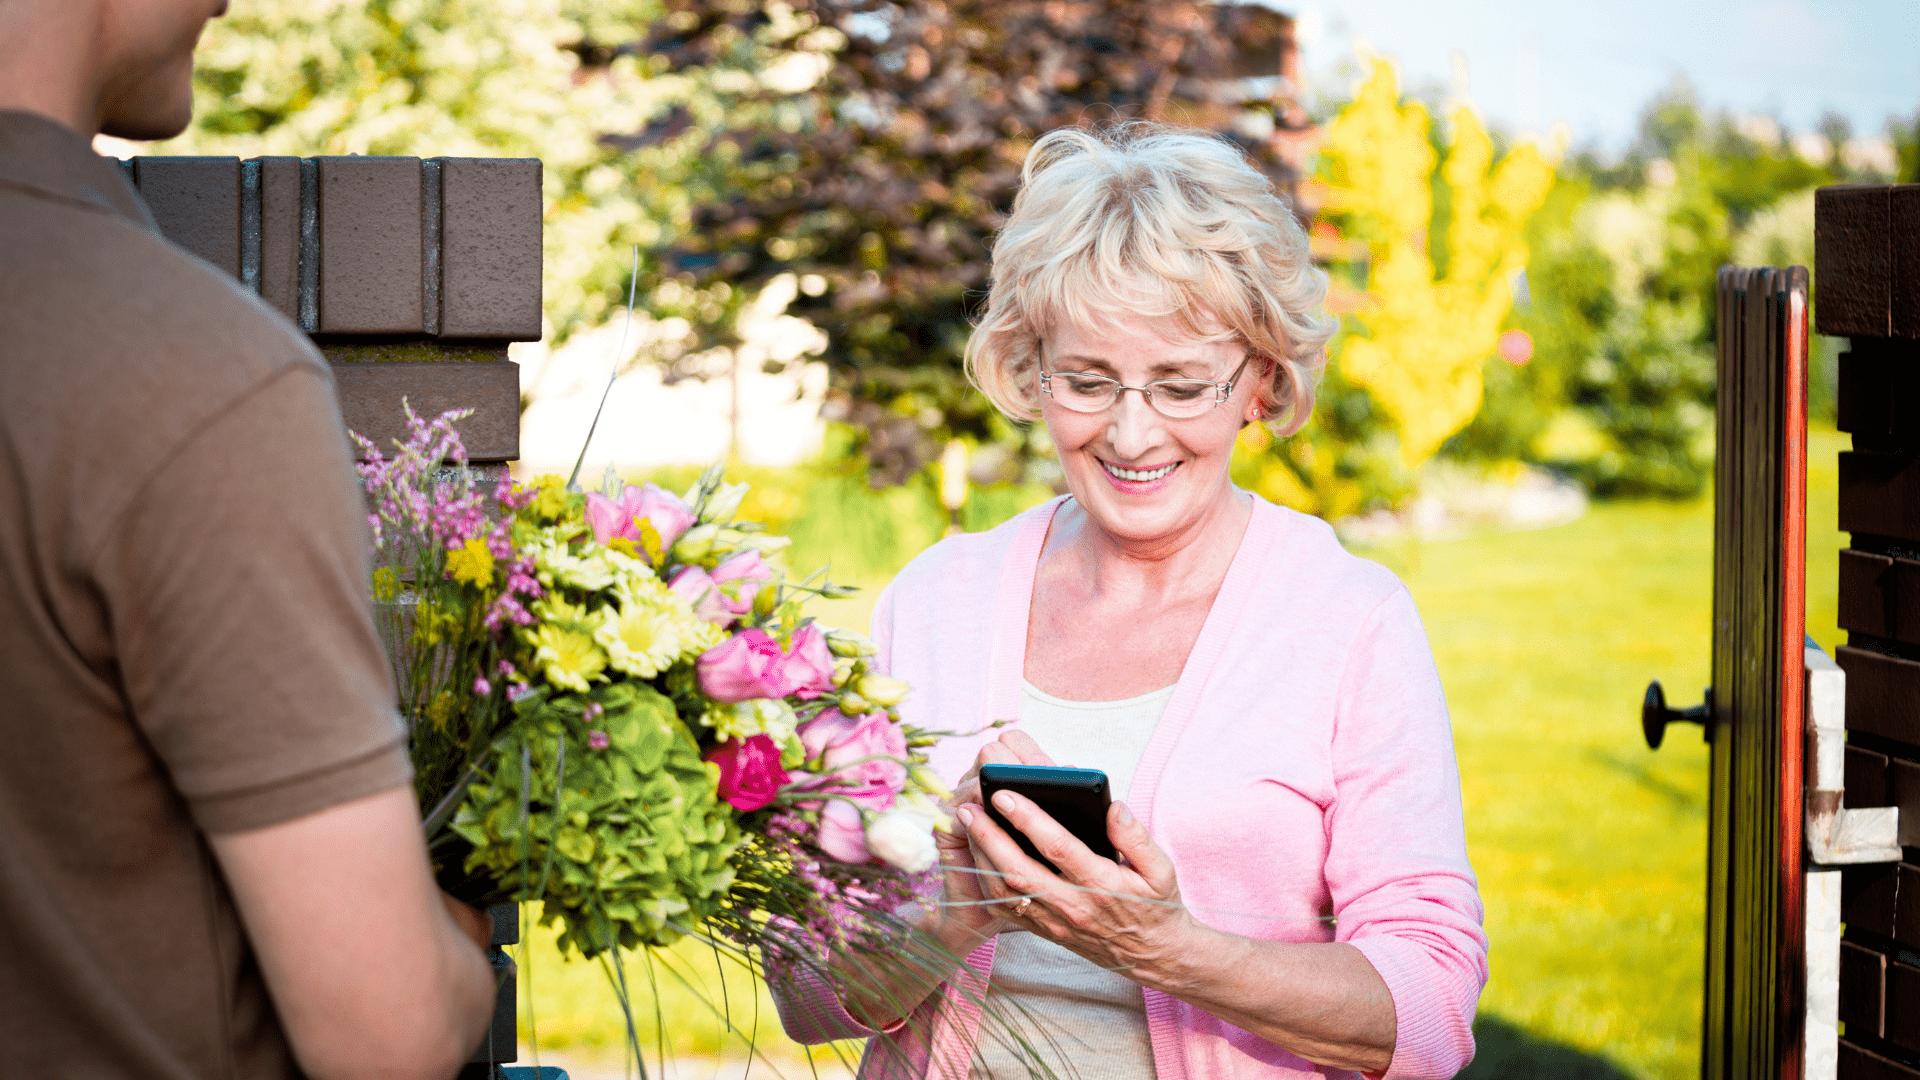 Consegna a domicilio fiori e piante